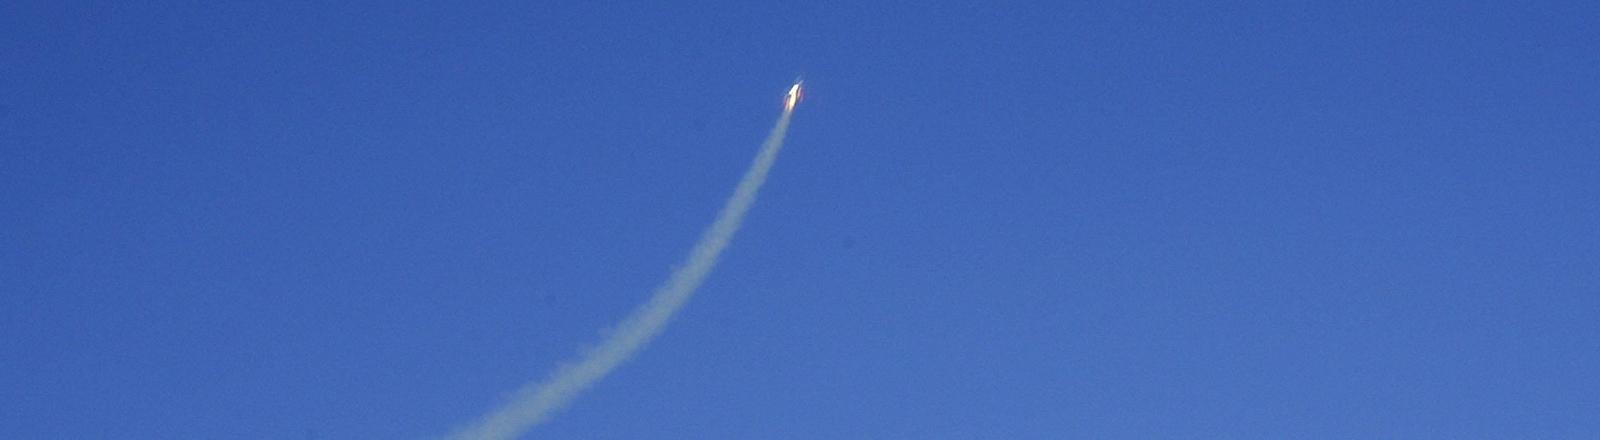 Schweif des Spaceship One am blauen Himmel